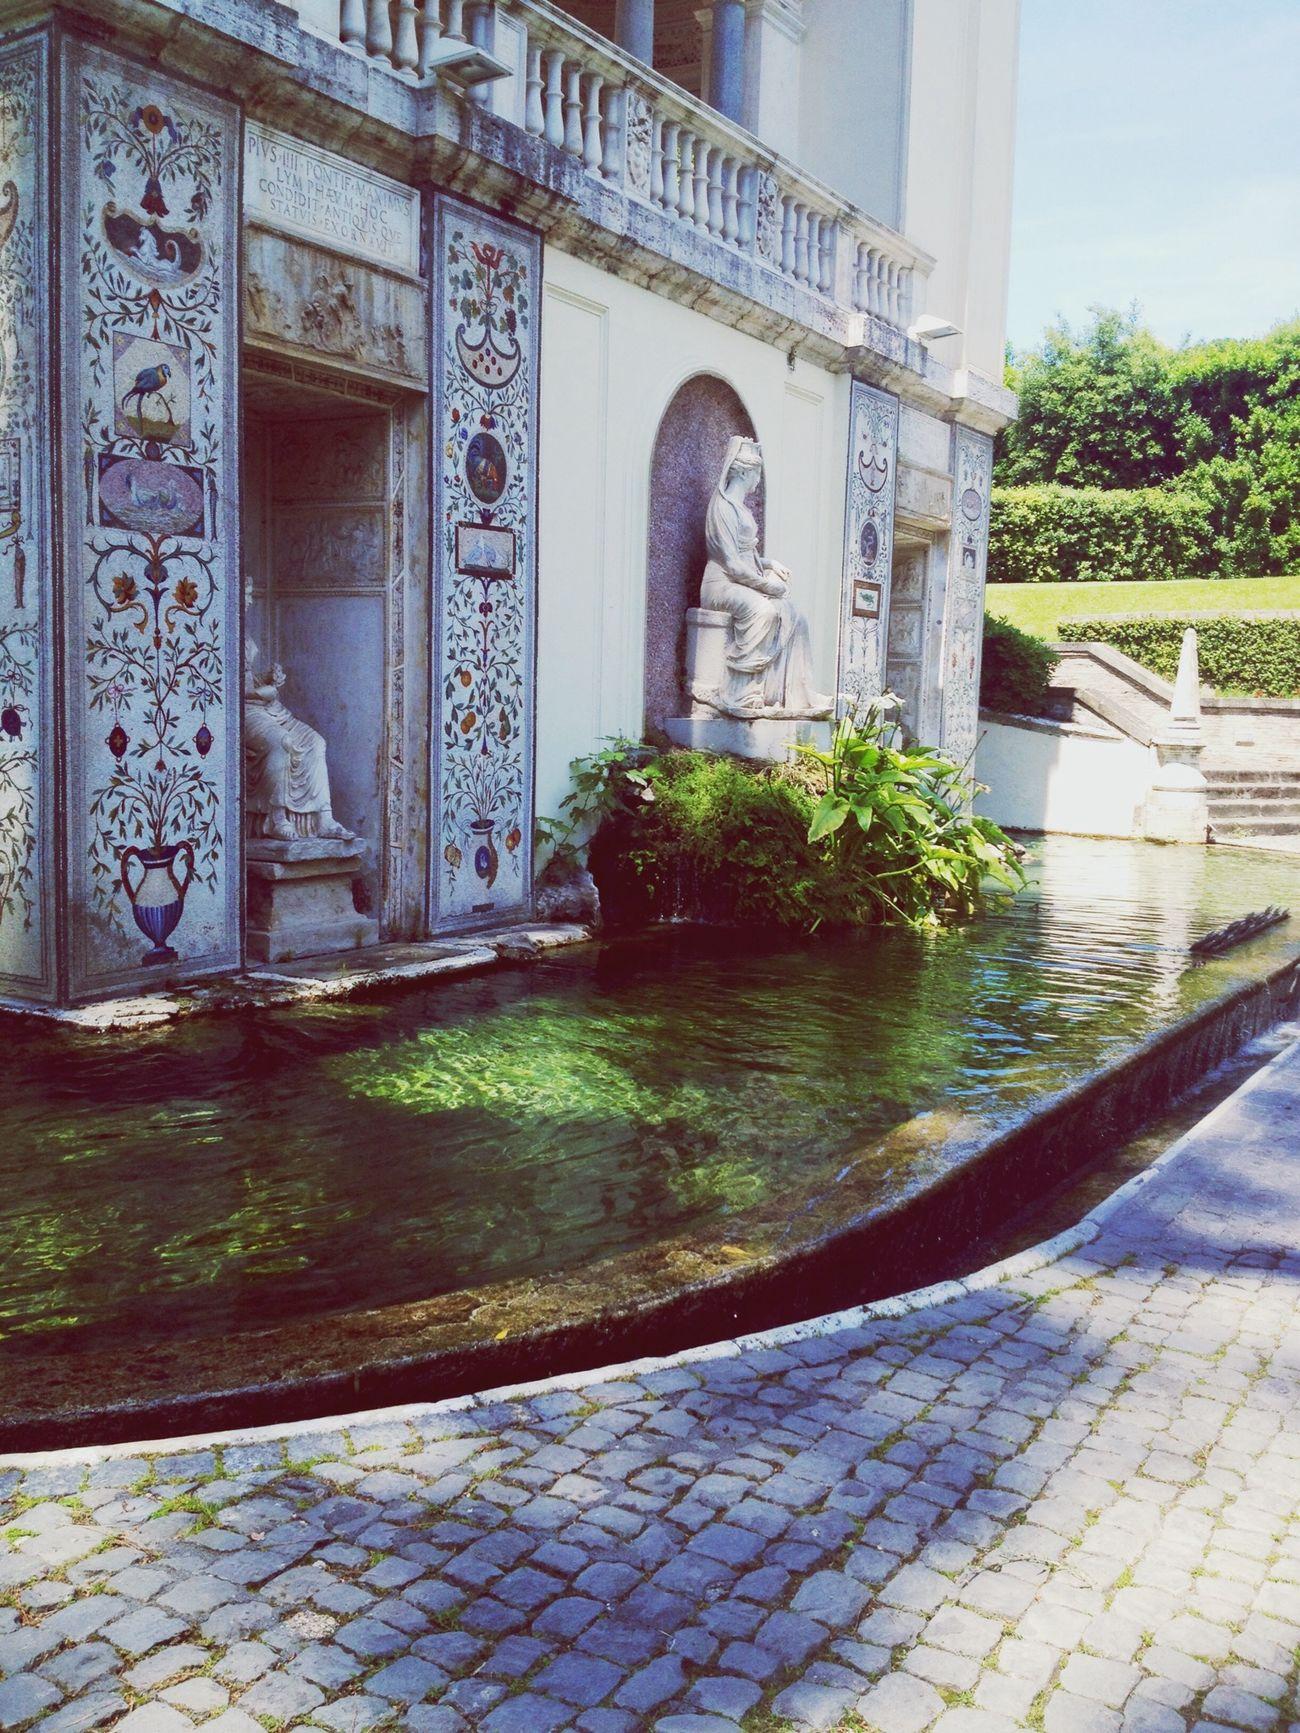 Itɑlie. 🇮🇹 Voyage Soleil Vacances Photo Italie Romes Jardin Lycée Souvenirs Couleur Photography Photograph Paysage